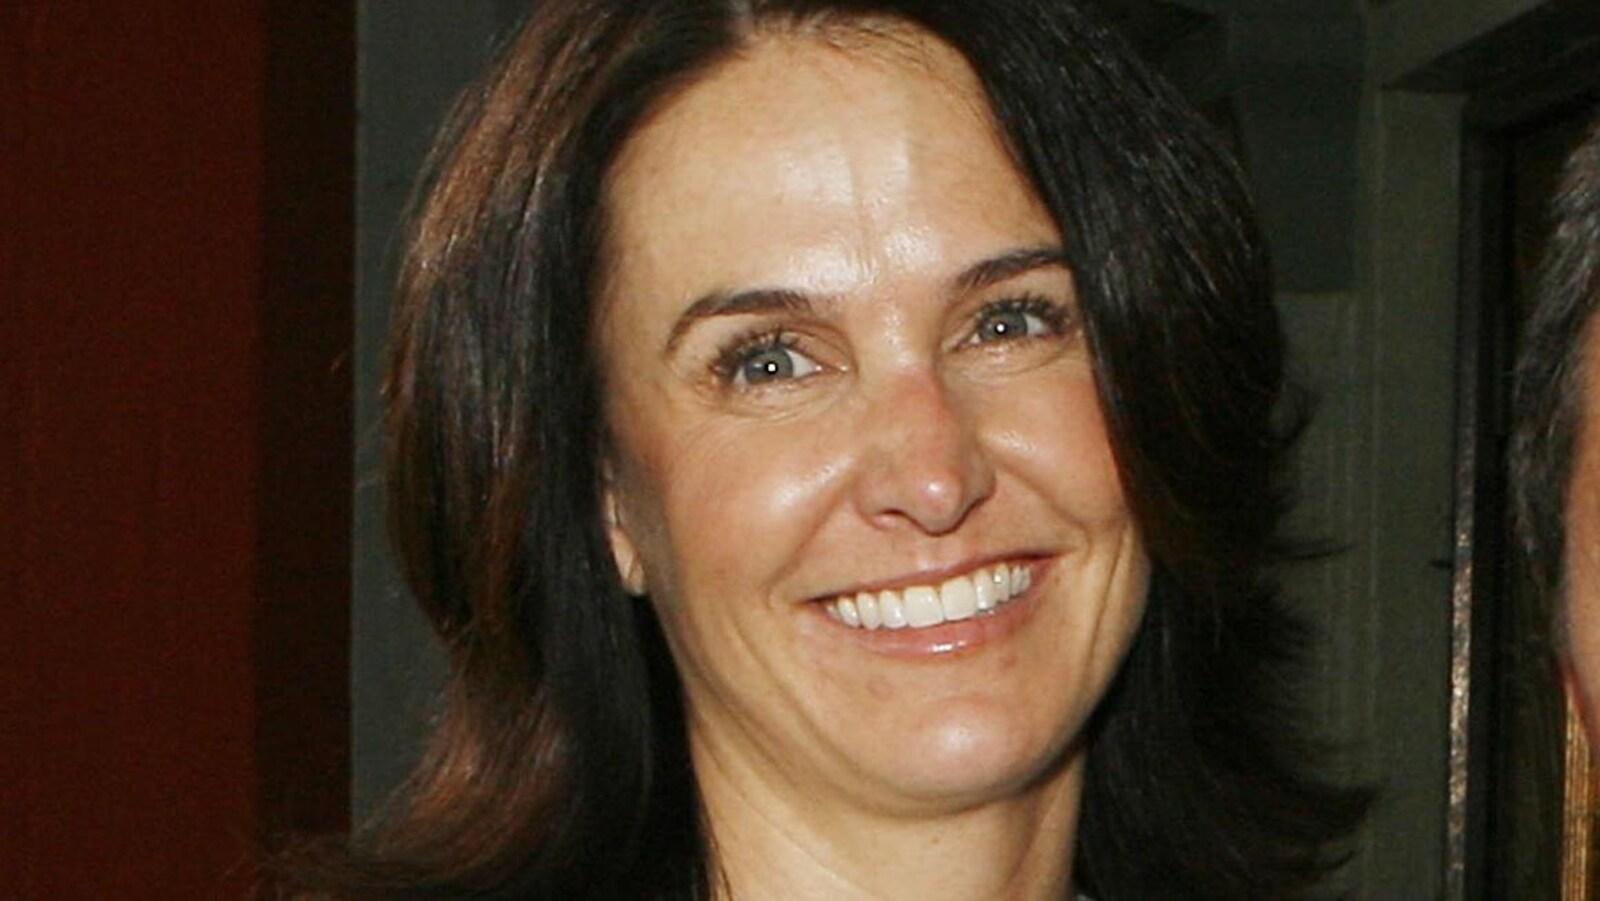 La productrice Jill Messick sourit et pose aux côtés d'un homme lors de la première d'un film en 2007.